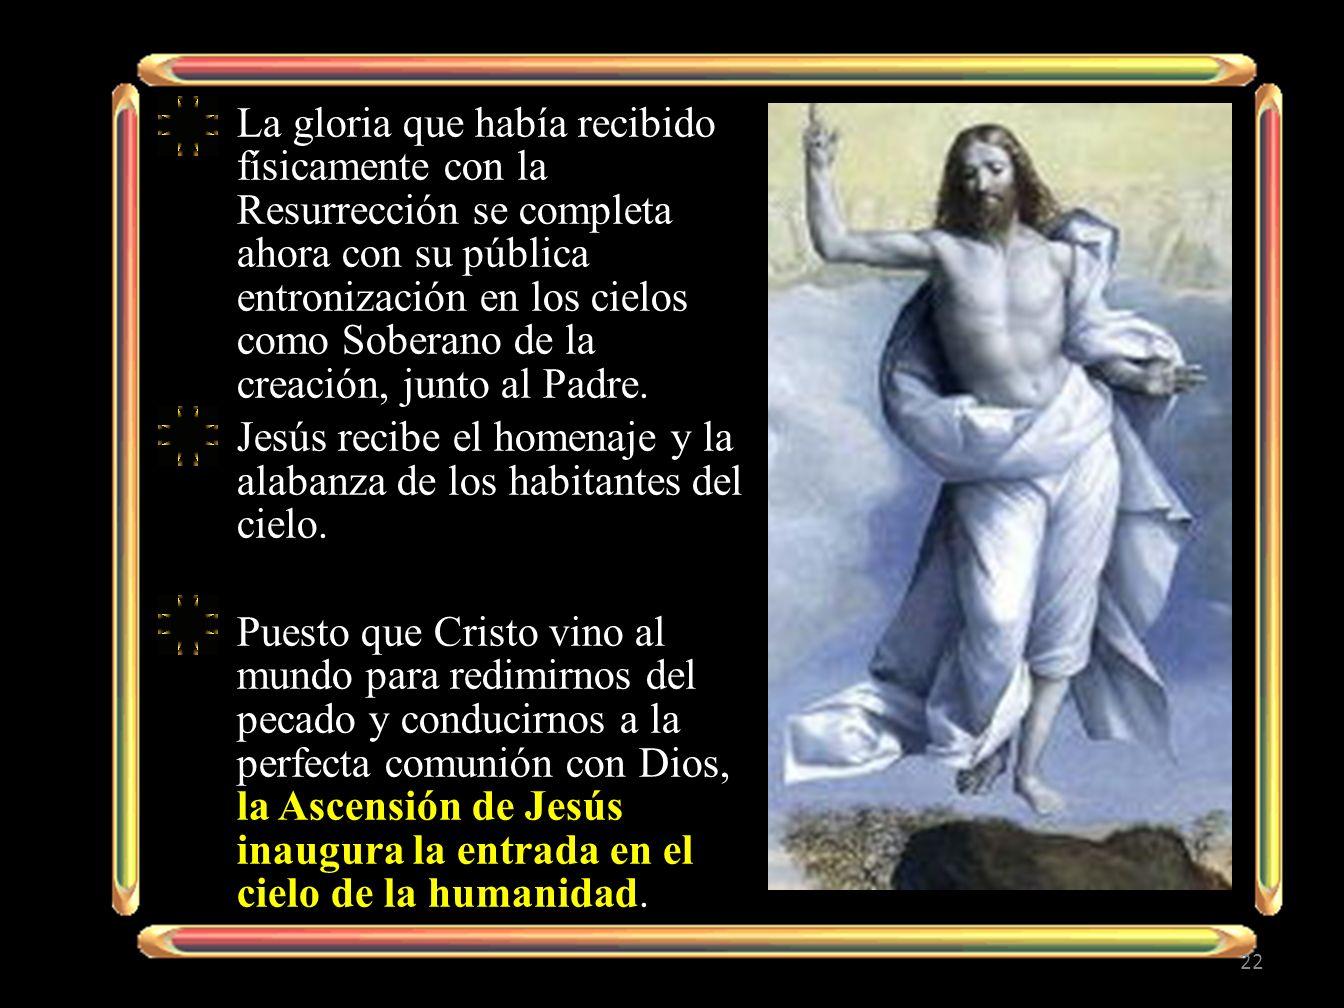 La gloria que había recibido físicamente con la Resurrección se completa ahora con su pública entronización en los cielos como Soberano de la creación, junto al Padre.